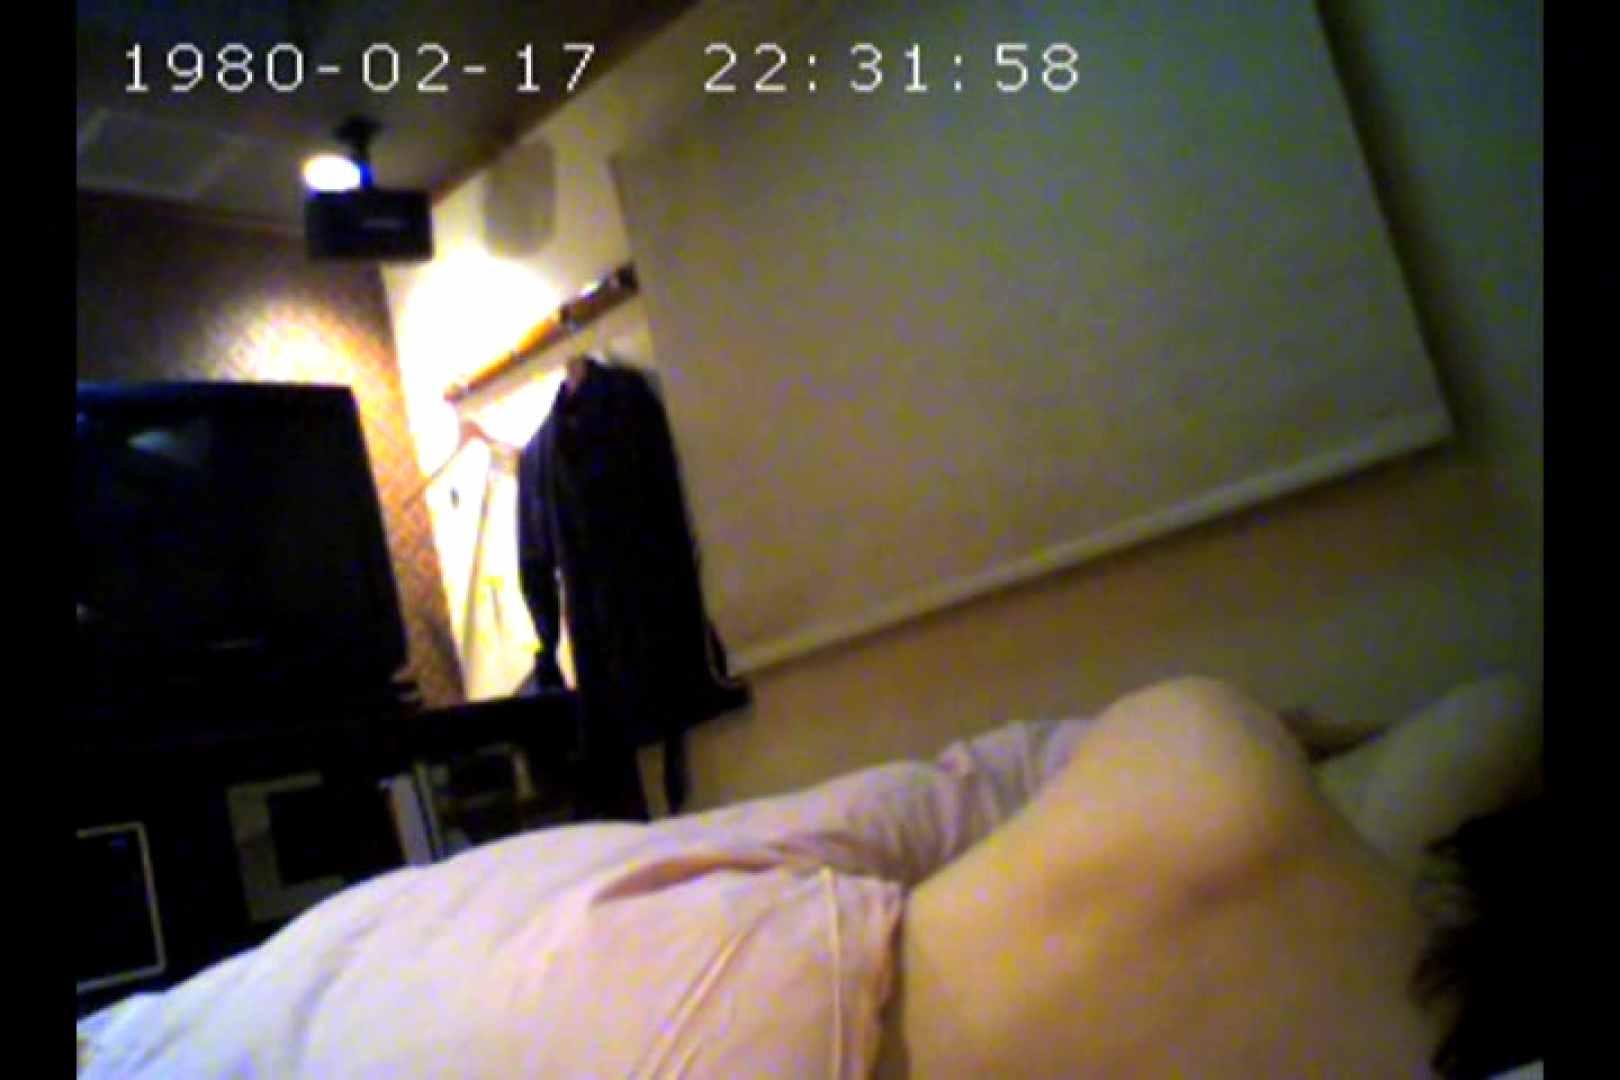 ハメられた女達 vol.04 ホテル 盗撮動画紹介 110画像 12